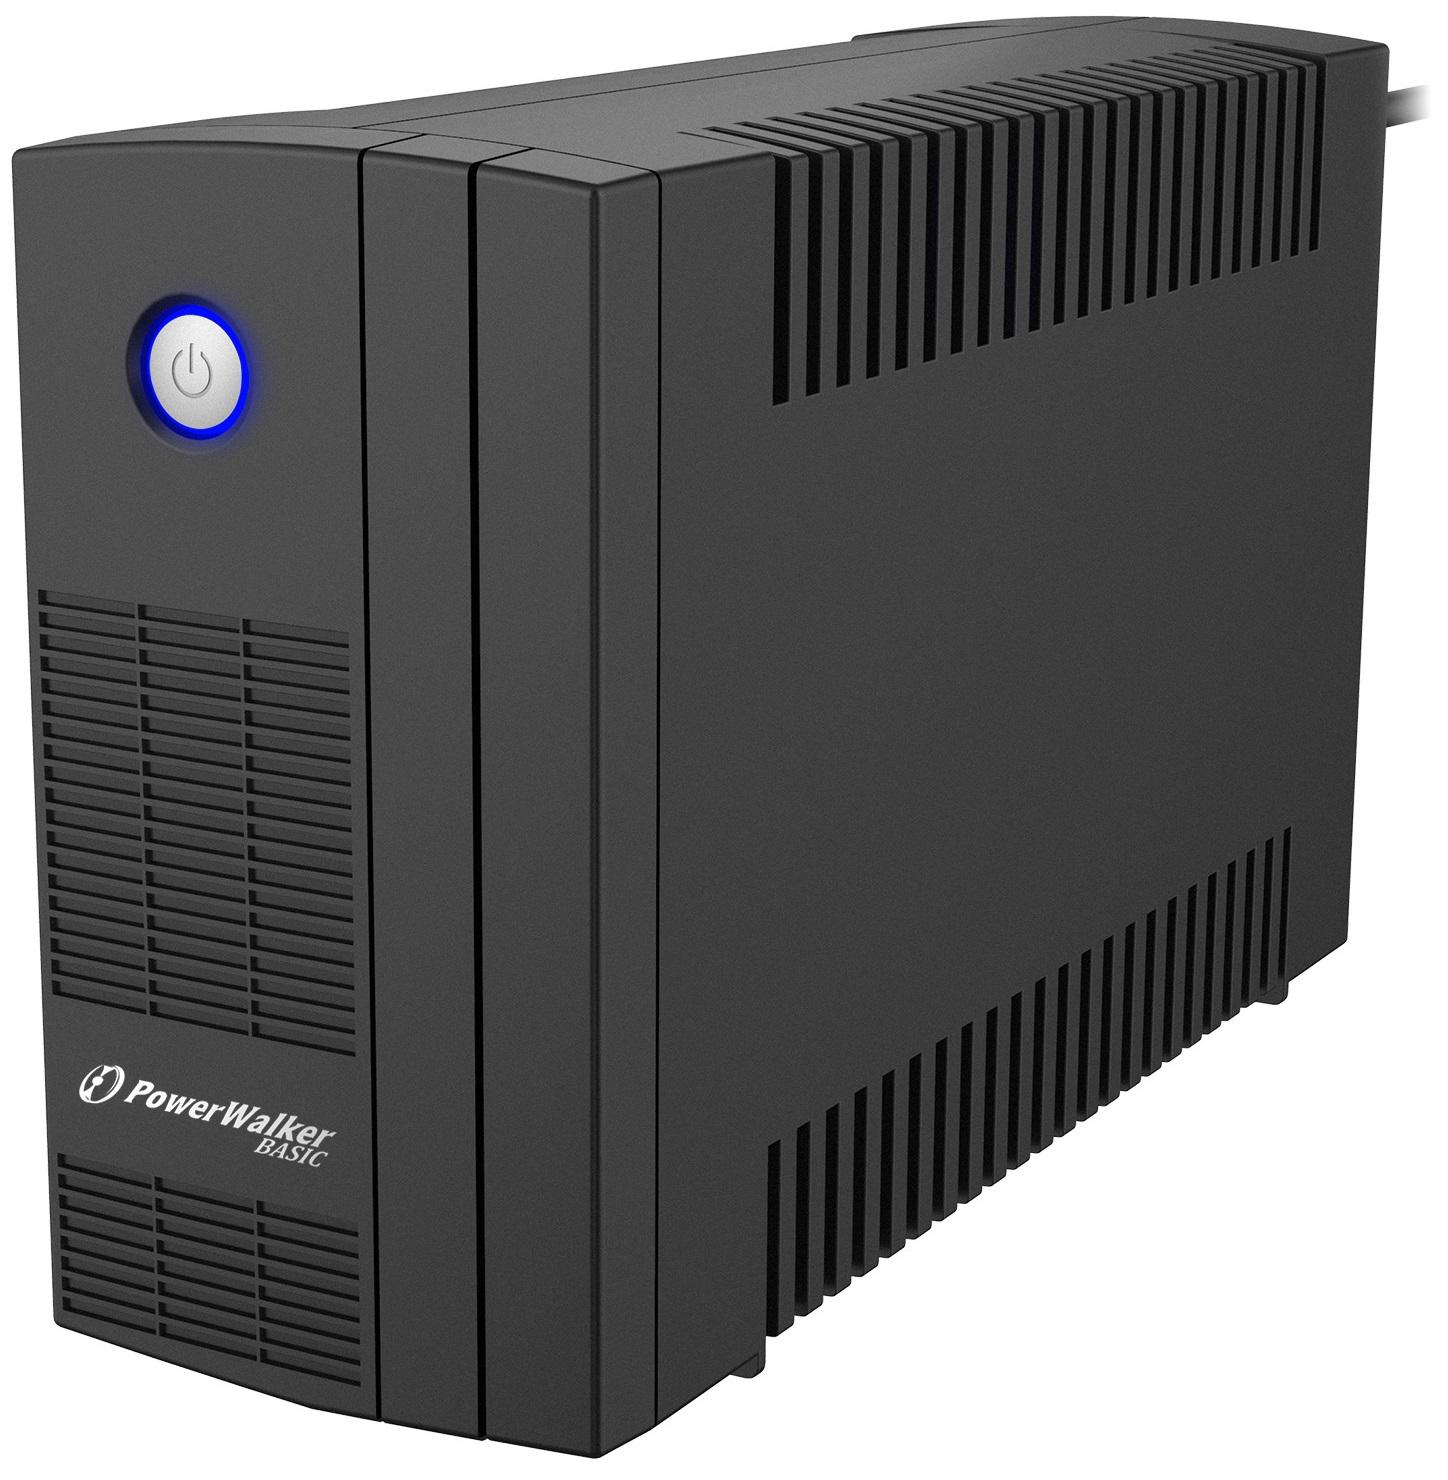 UPS POWERWALKER VI 850 SB, 850VA Line Interactive